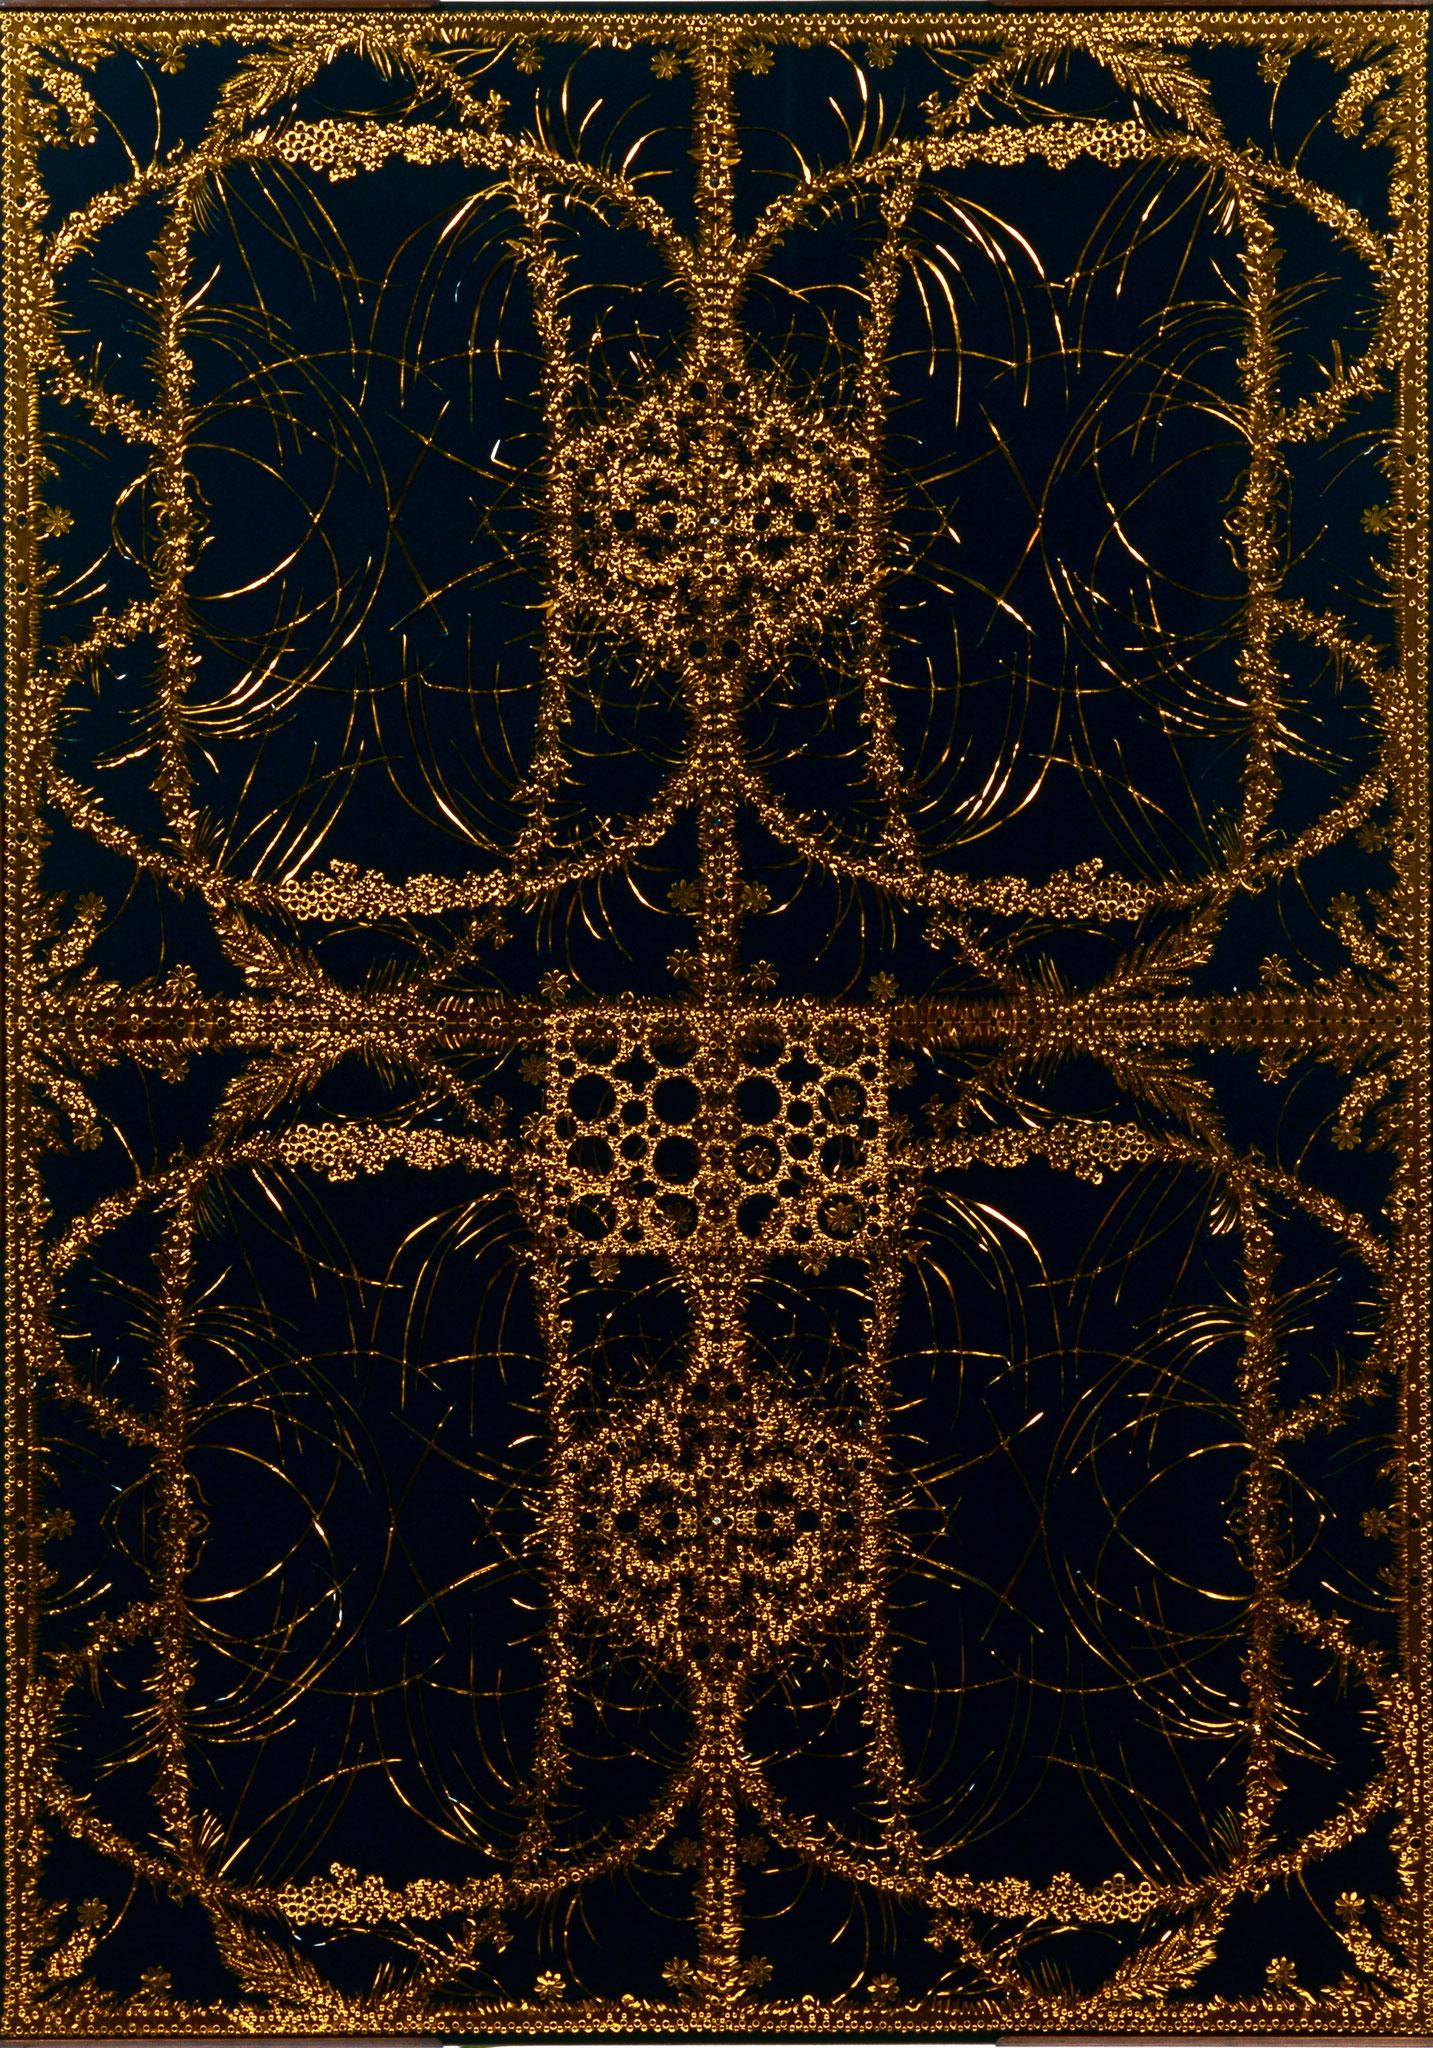 「エコーの森 1」 2007年、金紙切り紙細工、人造宝石、ガラス、103X73cm